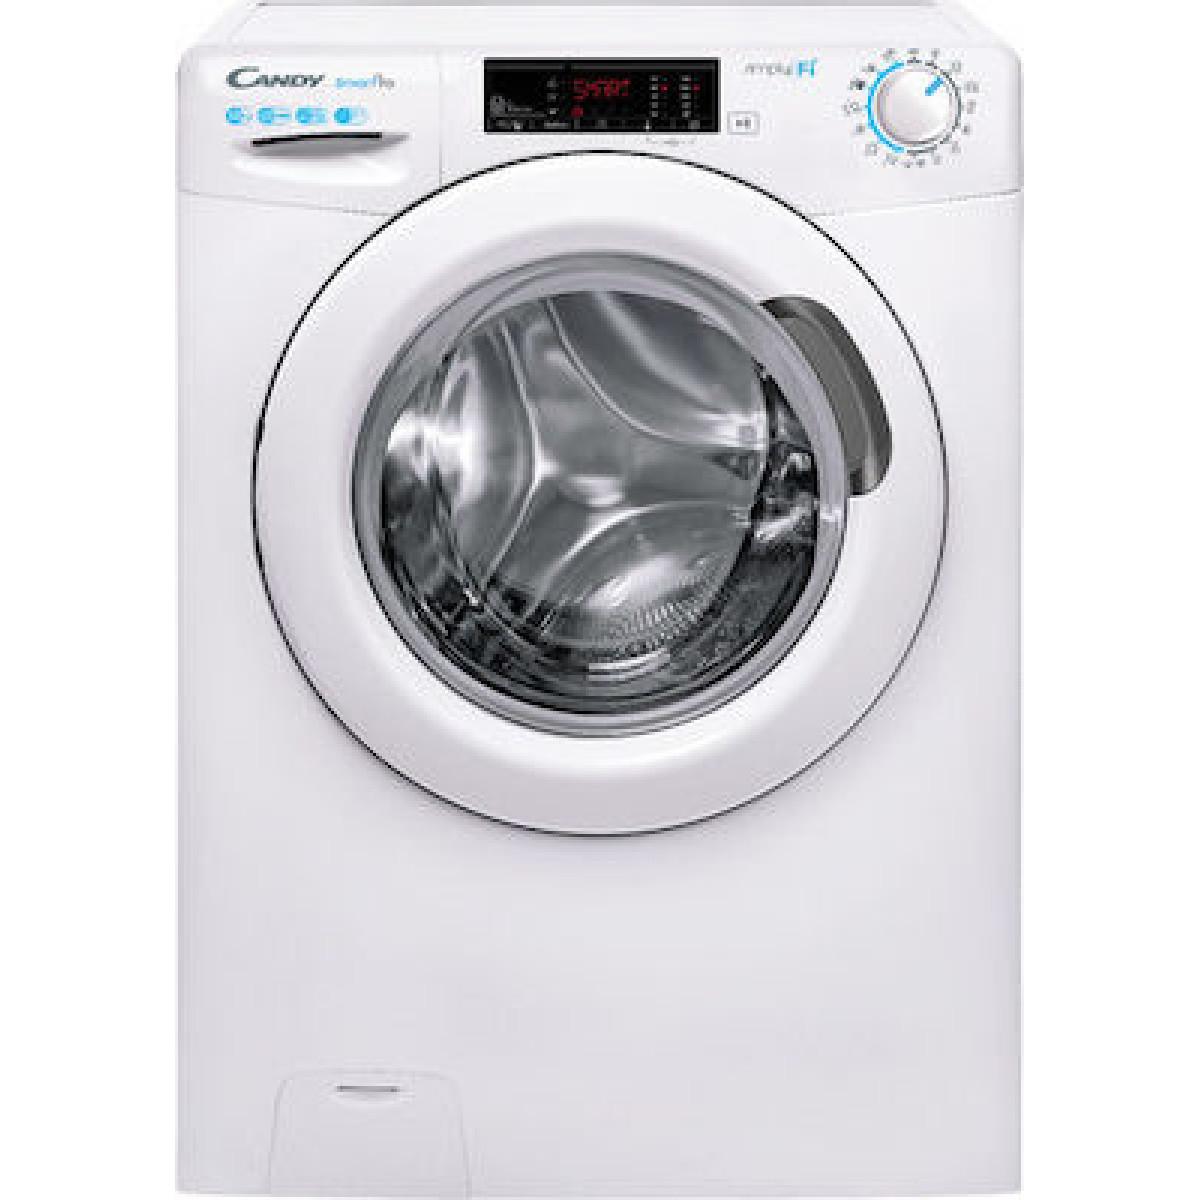 Πλυντήριο Ρούχων Candy CO 12105TE/1-S 10 kg A+++ Πλυντήρια ρούχων